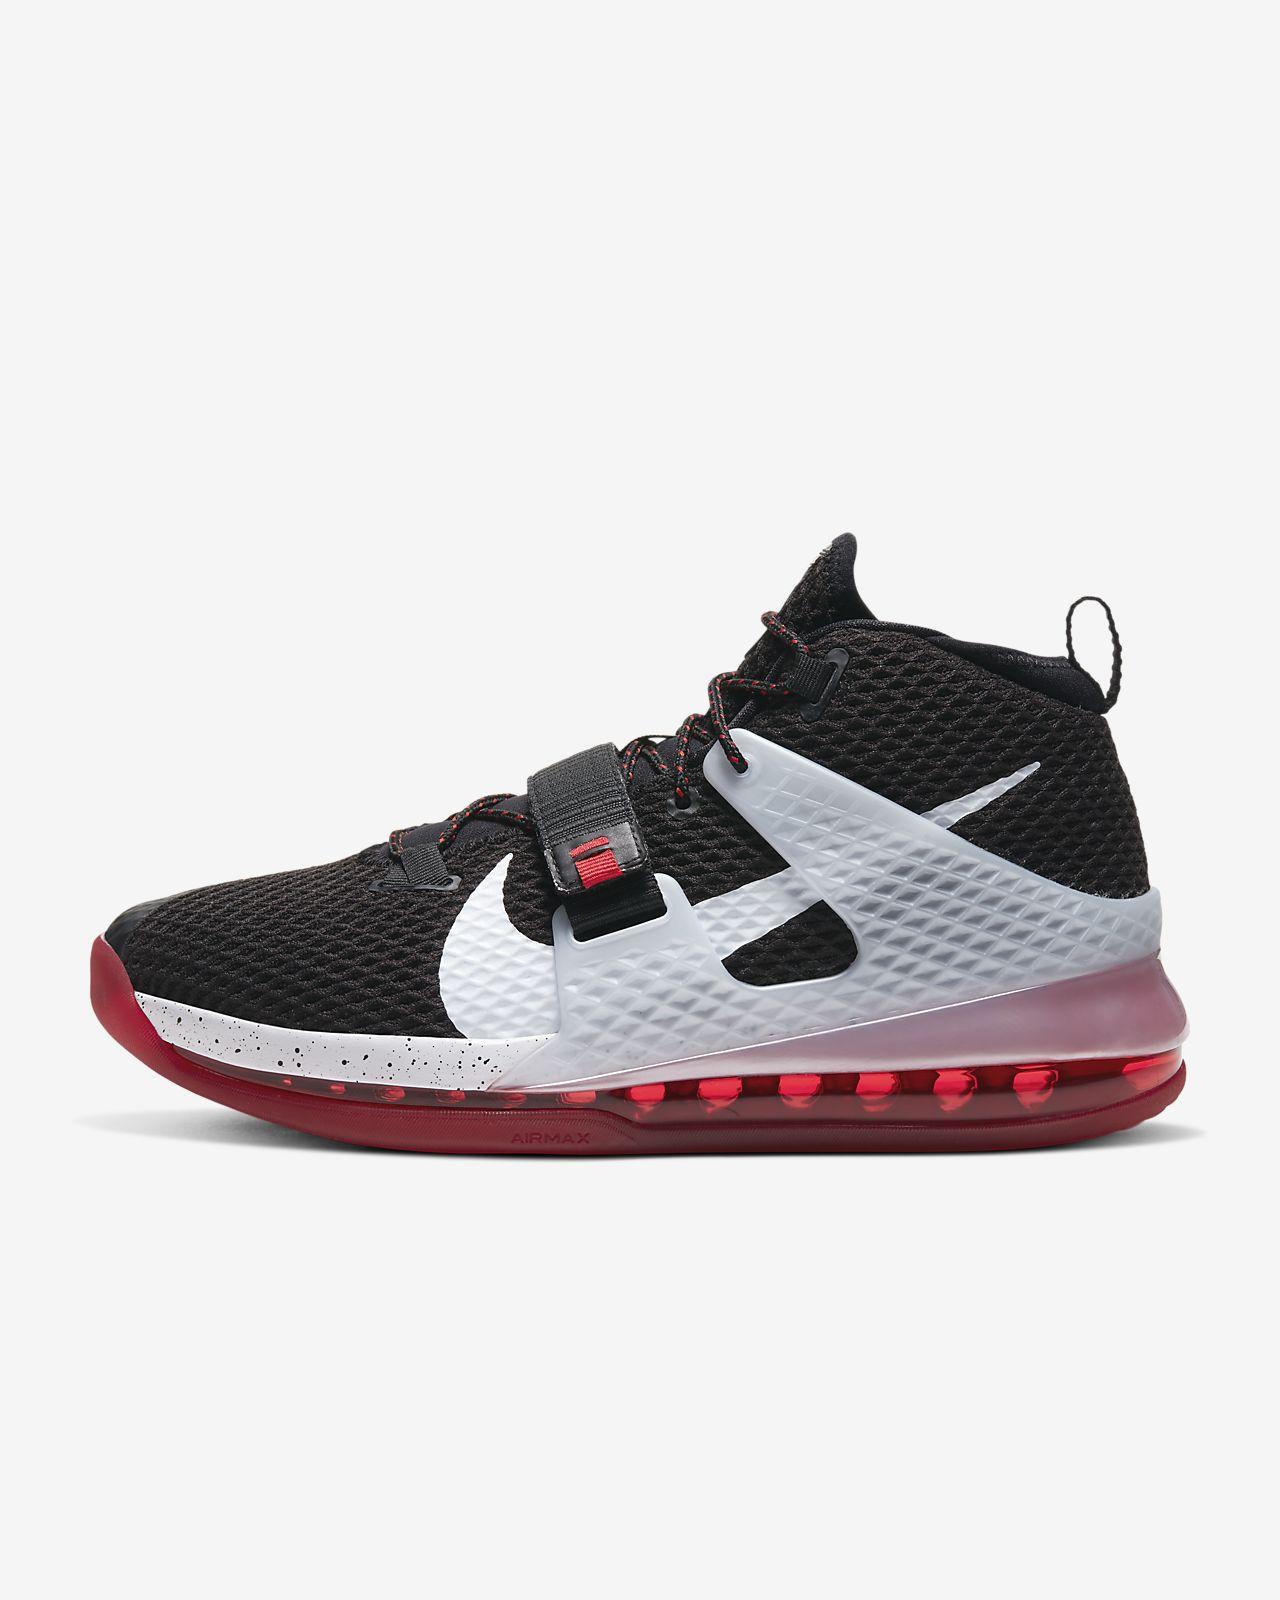 Basketball Shoes Air Versitile IV | Shoes  Nike Basketball